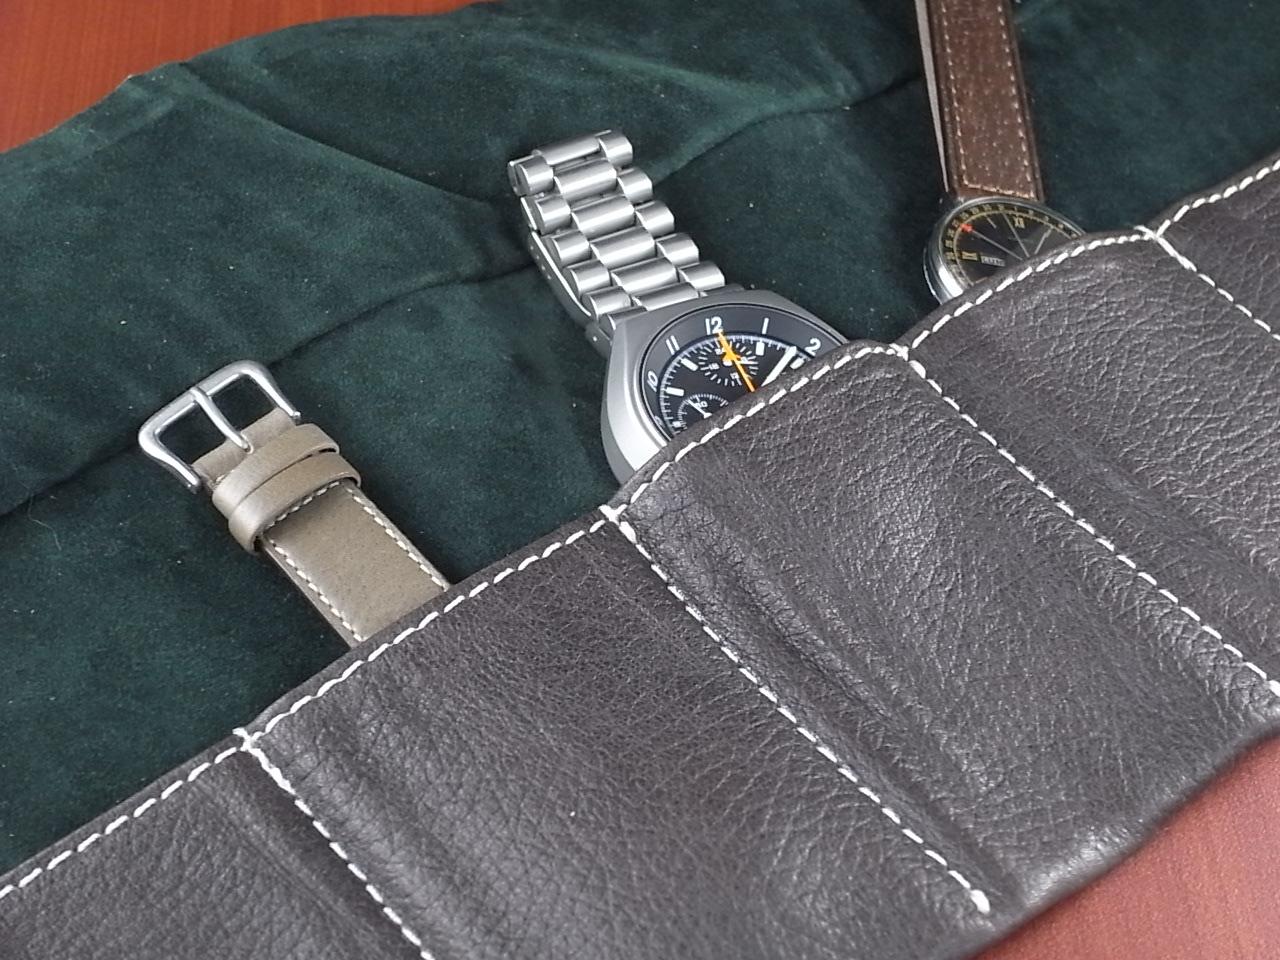 本革時計ケース 携帯タイプ 6本用 イタリア製 焦茶 生成ステッチの写真3枚目